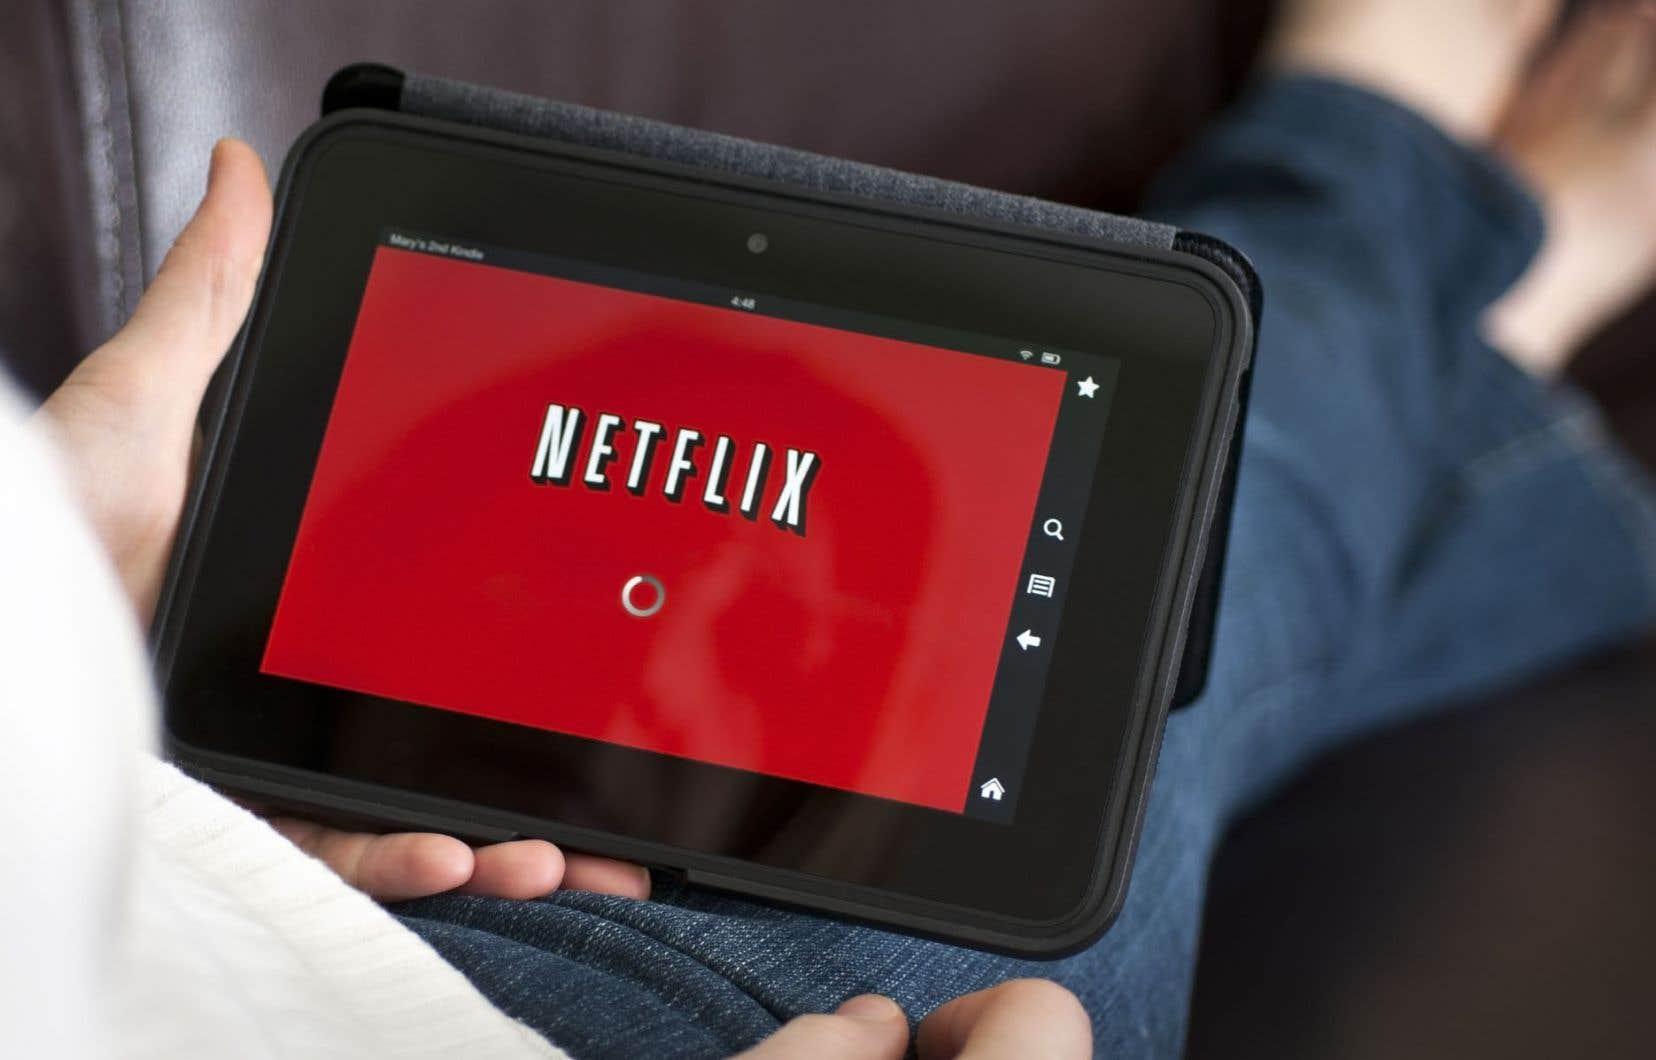 L'augmentation en novembre du forfait le plus populaire de Netflix — qui est passé de 13,99$ à 14,99$ — s'est traduite par une progression des revenus de plusieurs millions.